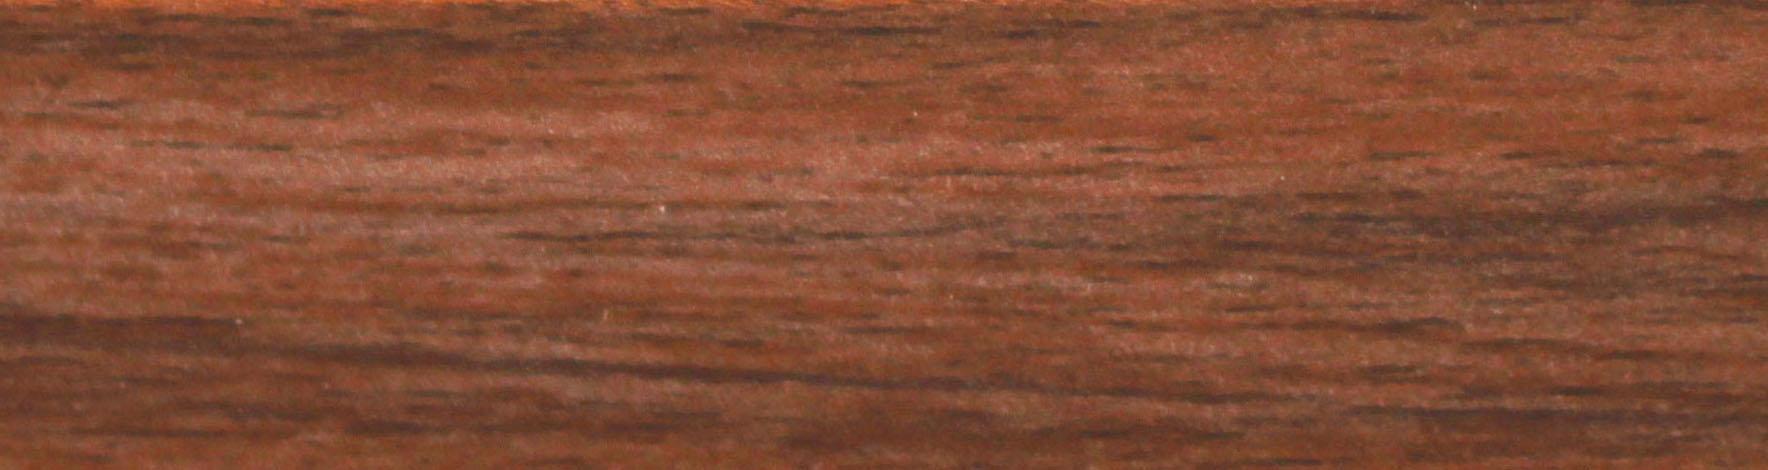 283704 -  DARK Walnut  22 x 2 mm, 28 x 2 mm